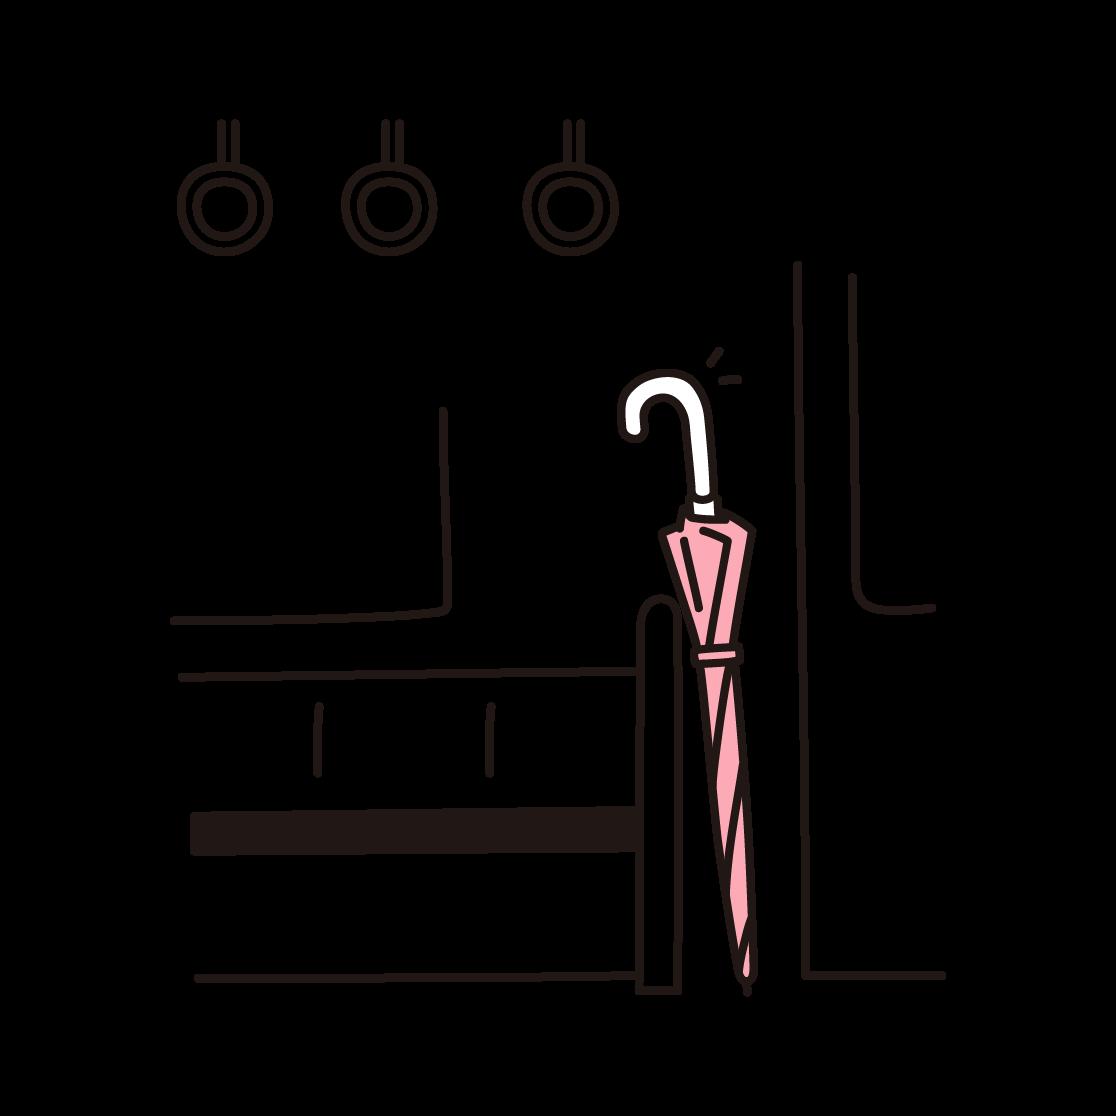 置き忘れた傘の単色イラスト